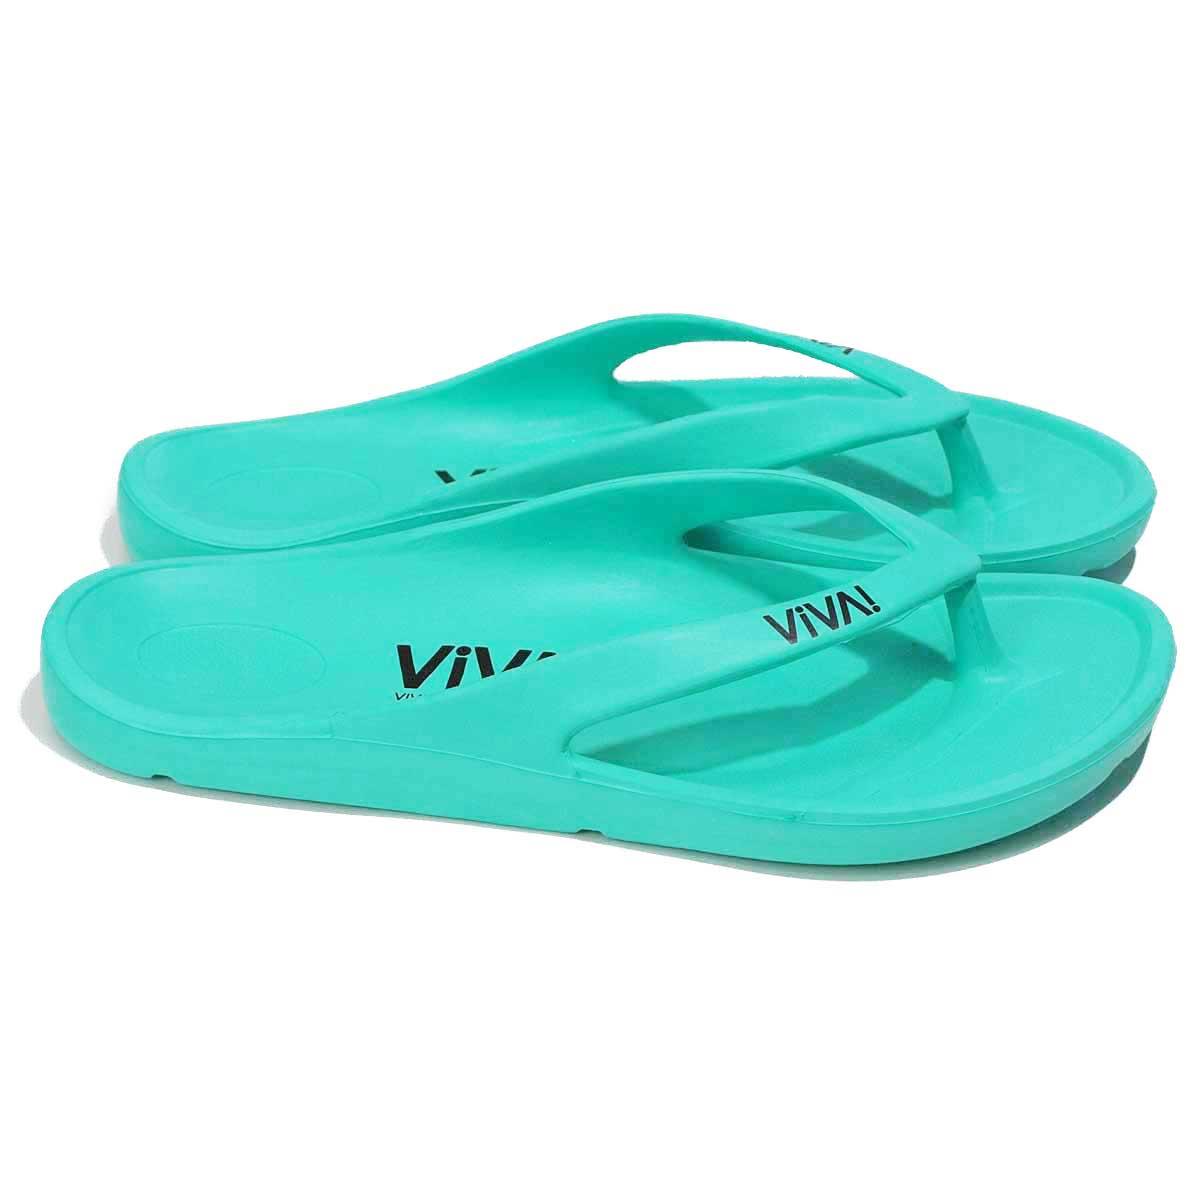 VIVA! ISLAND|(Turquoise) ビバアイランド FLIP FLOP ビーチサンダル